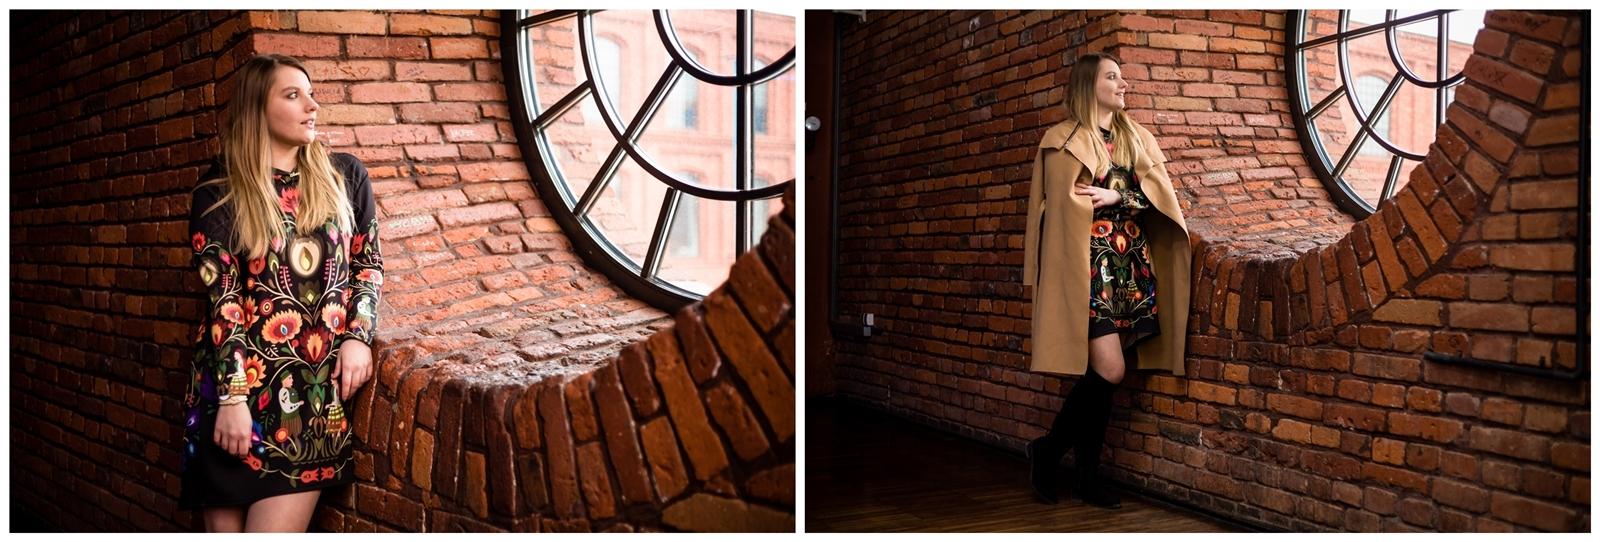 12 folk by koko recenzje opinie jakość sukienka bluza z motywem łowickim kodra folkowe ubrania motywy eleganckie folkowe dodatki kodra łowicka góralskie róże stylizacja polska blogerka łódź moda melodylaniella